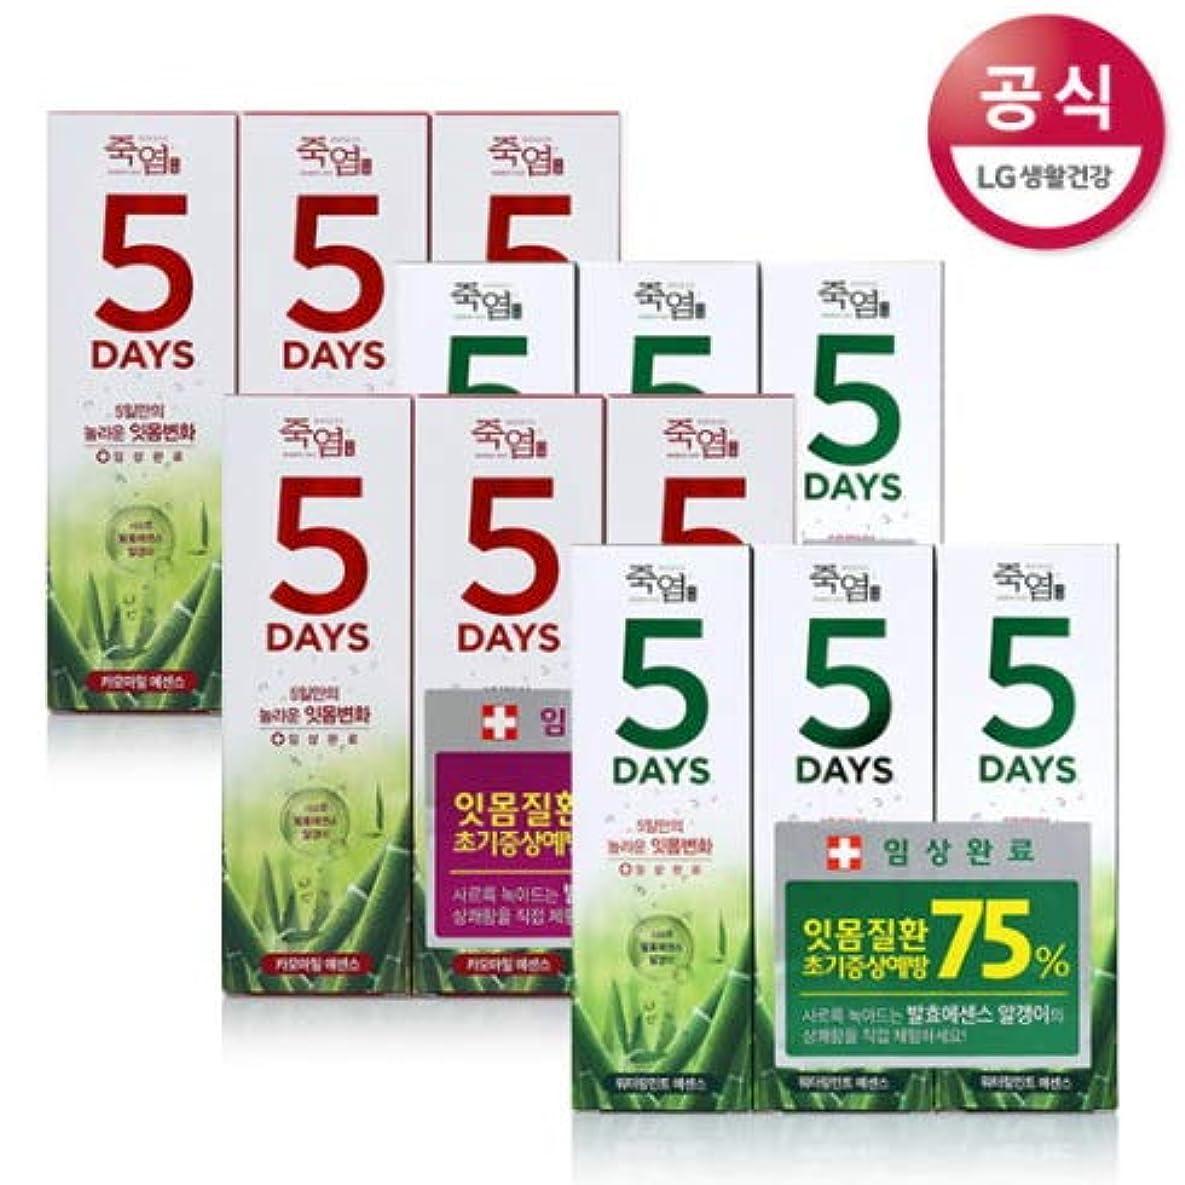 もっと紫の病[LG HnB] Bamboo Salt 5days Toothpaste /竹塩5days歯磨き粉 100gx12個(海外直送品)